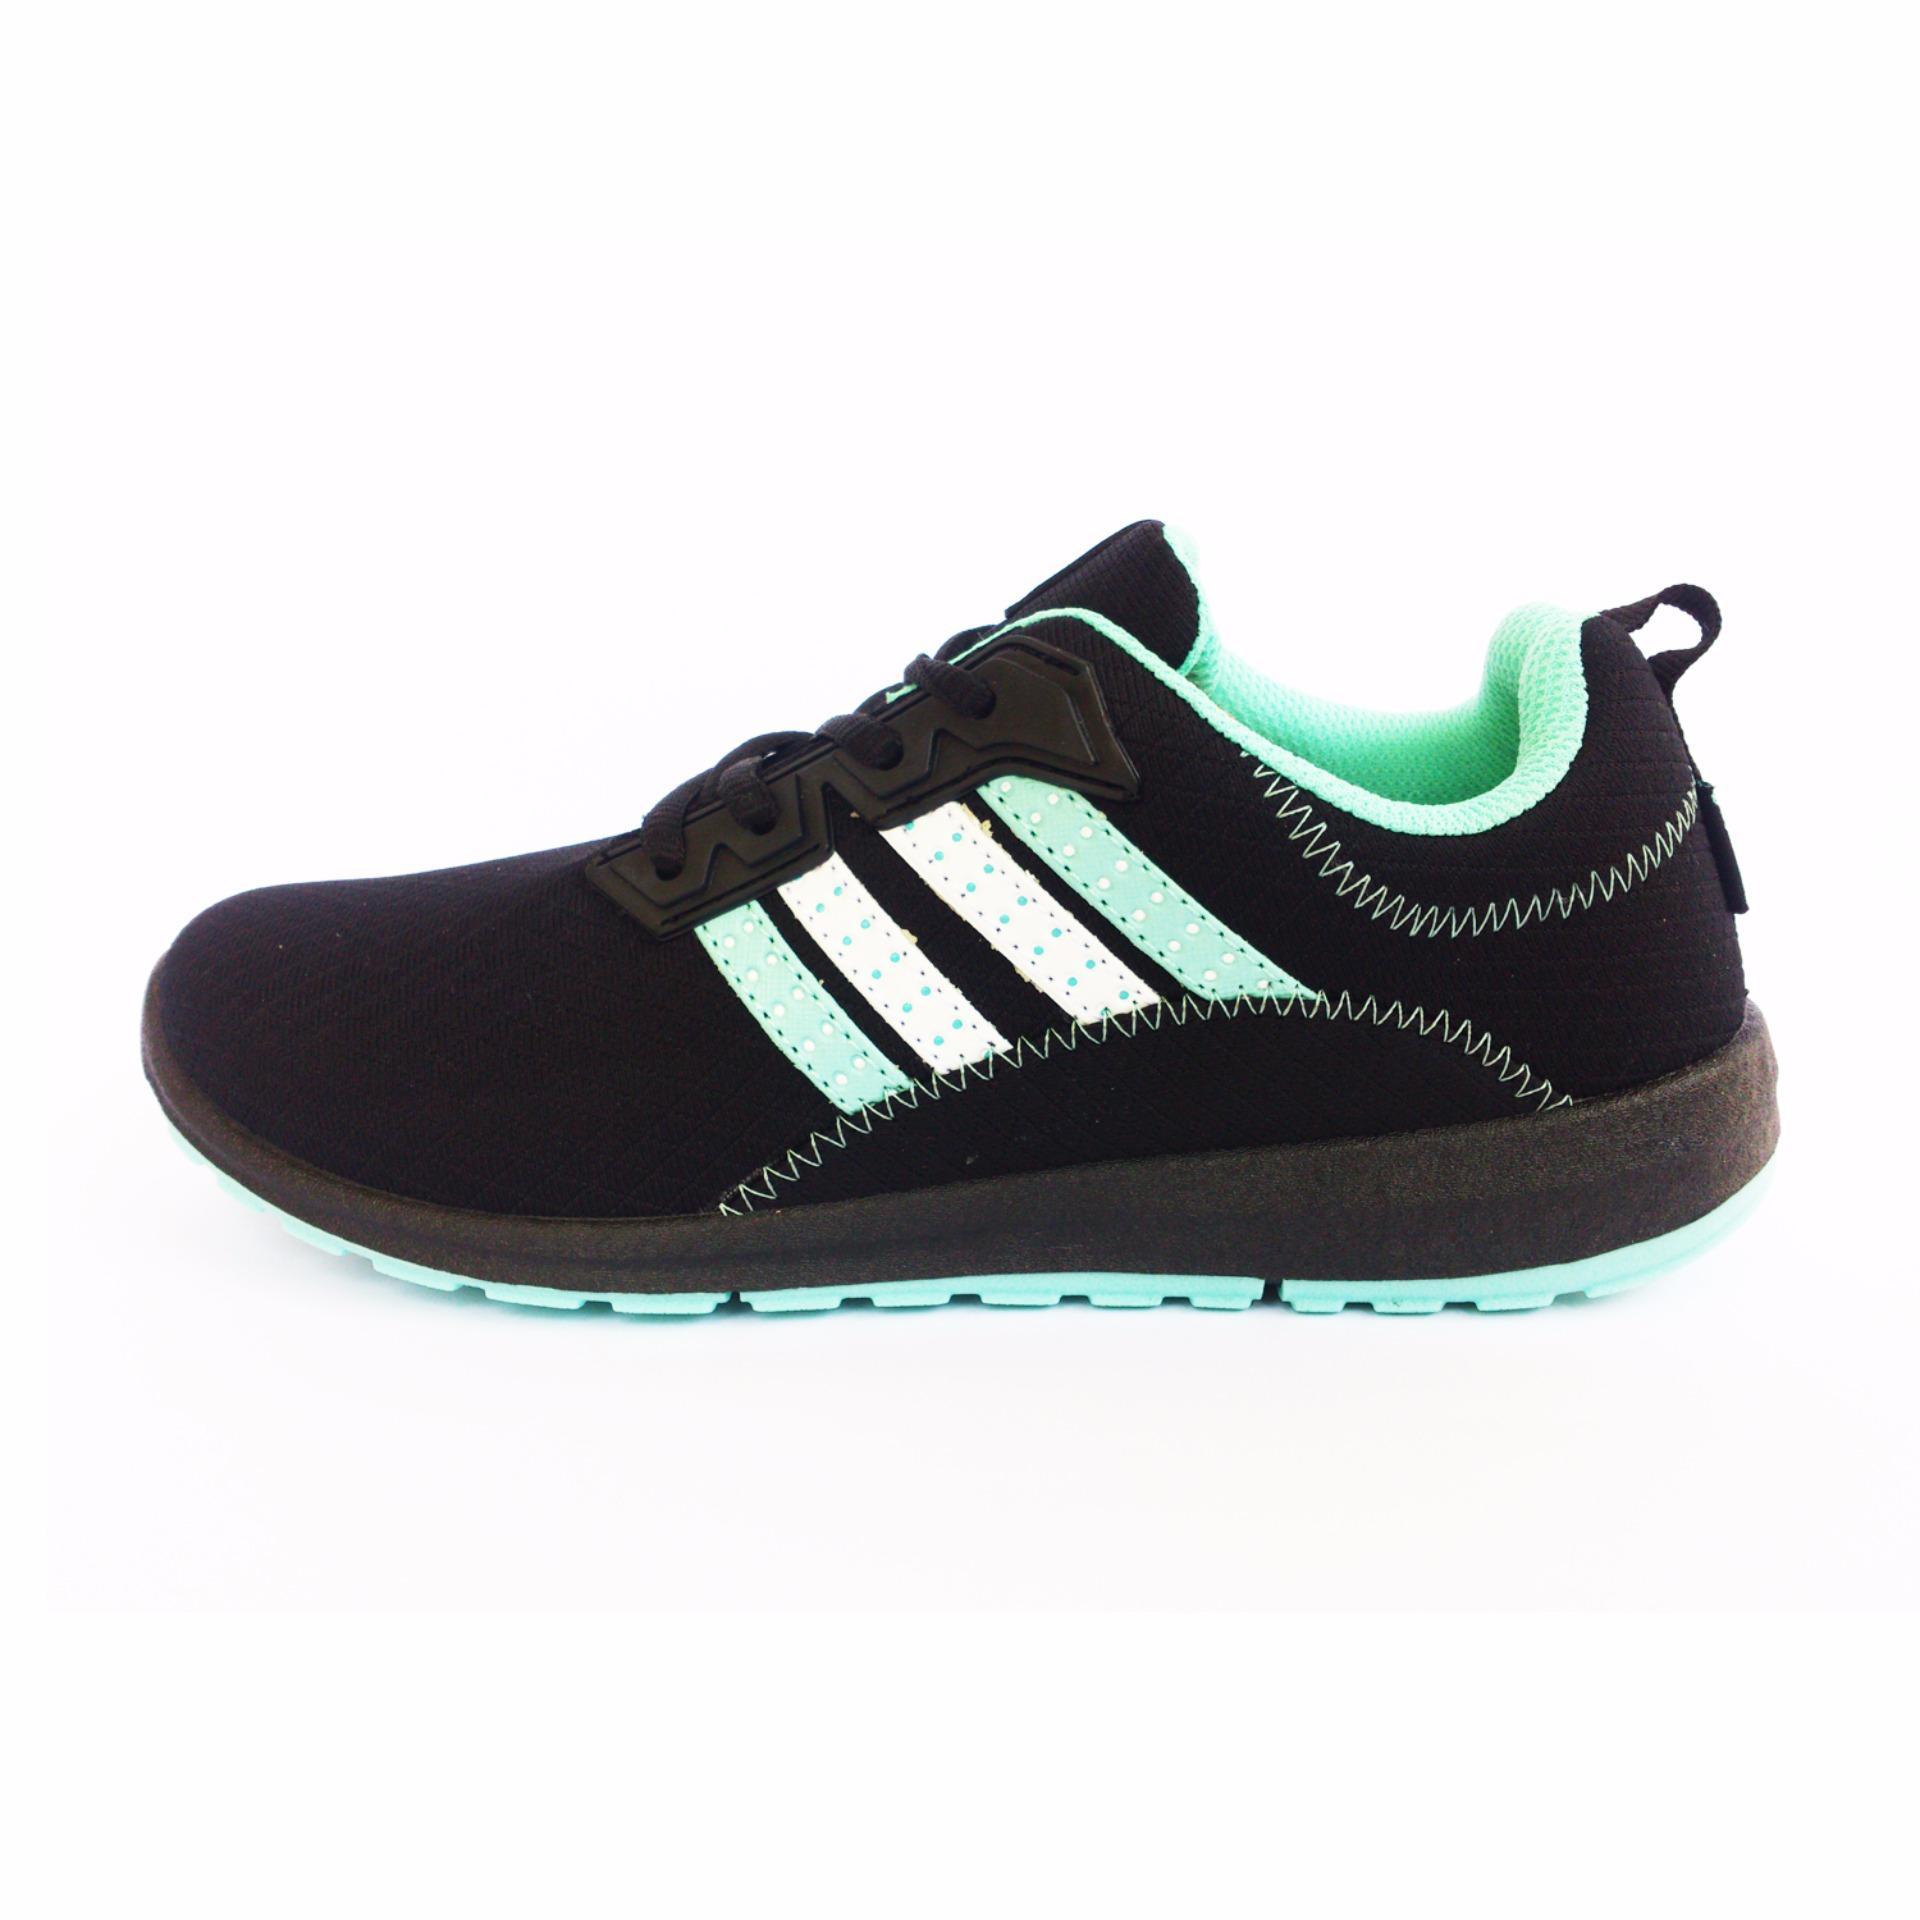 Jual Ando Plano Sepatu Olahraga Wanita Warna Hitam Tosca Local Original